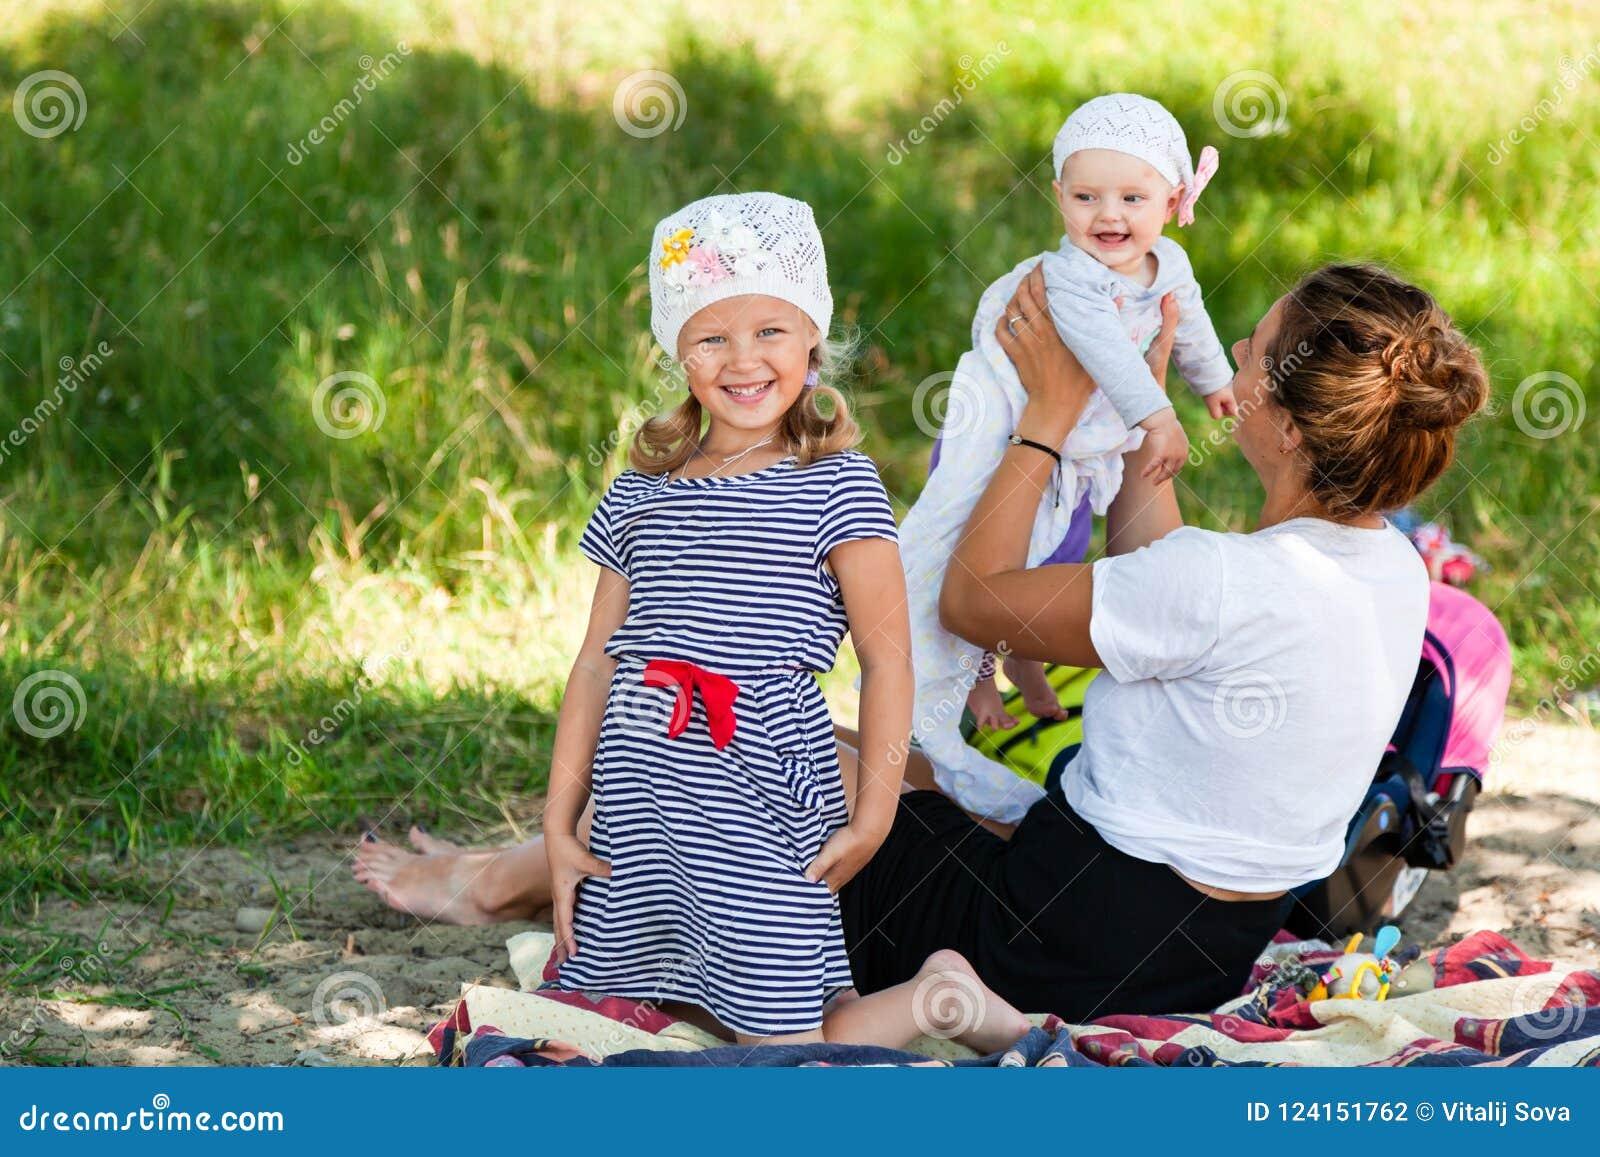 Maman jouant avec ses enfants